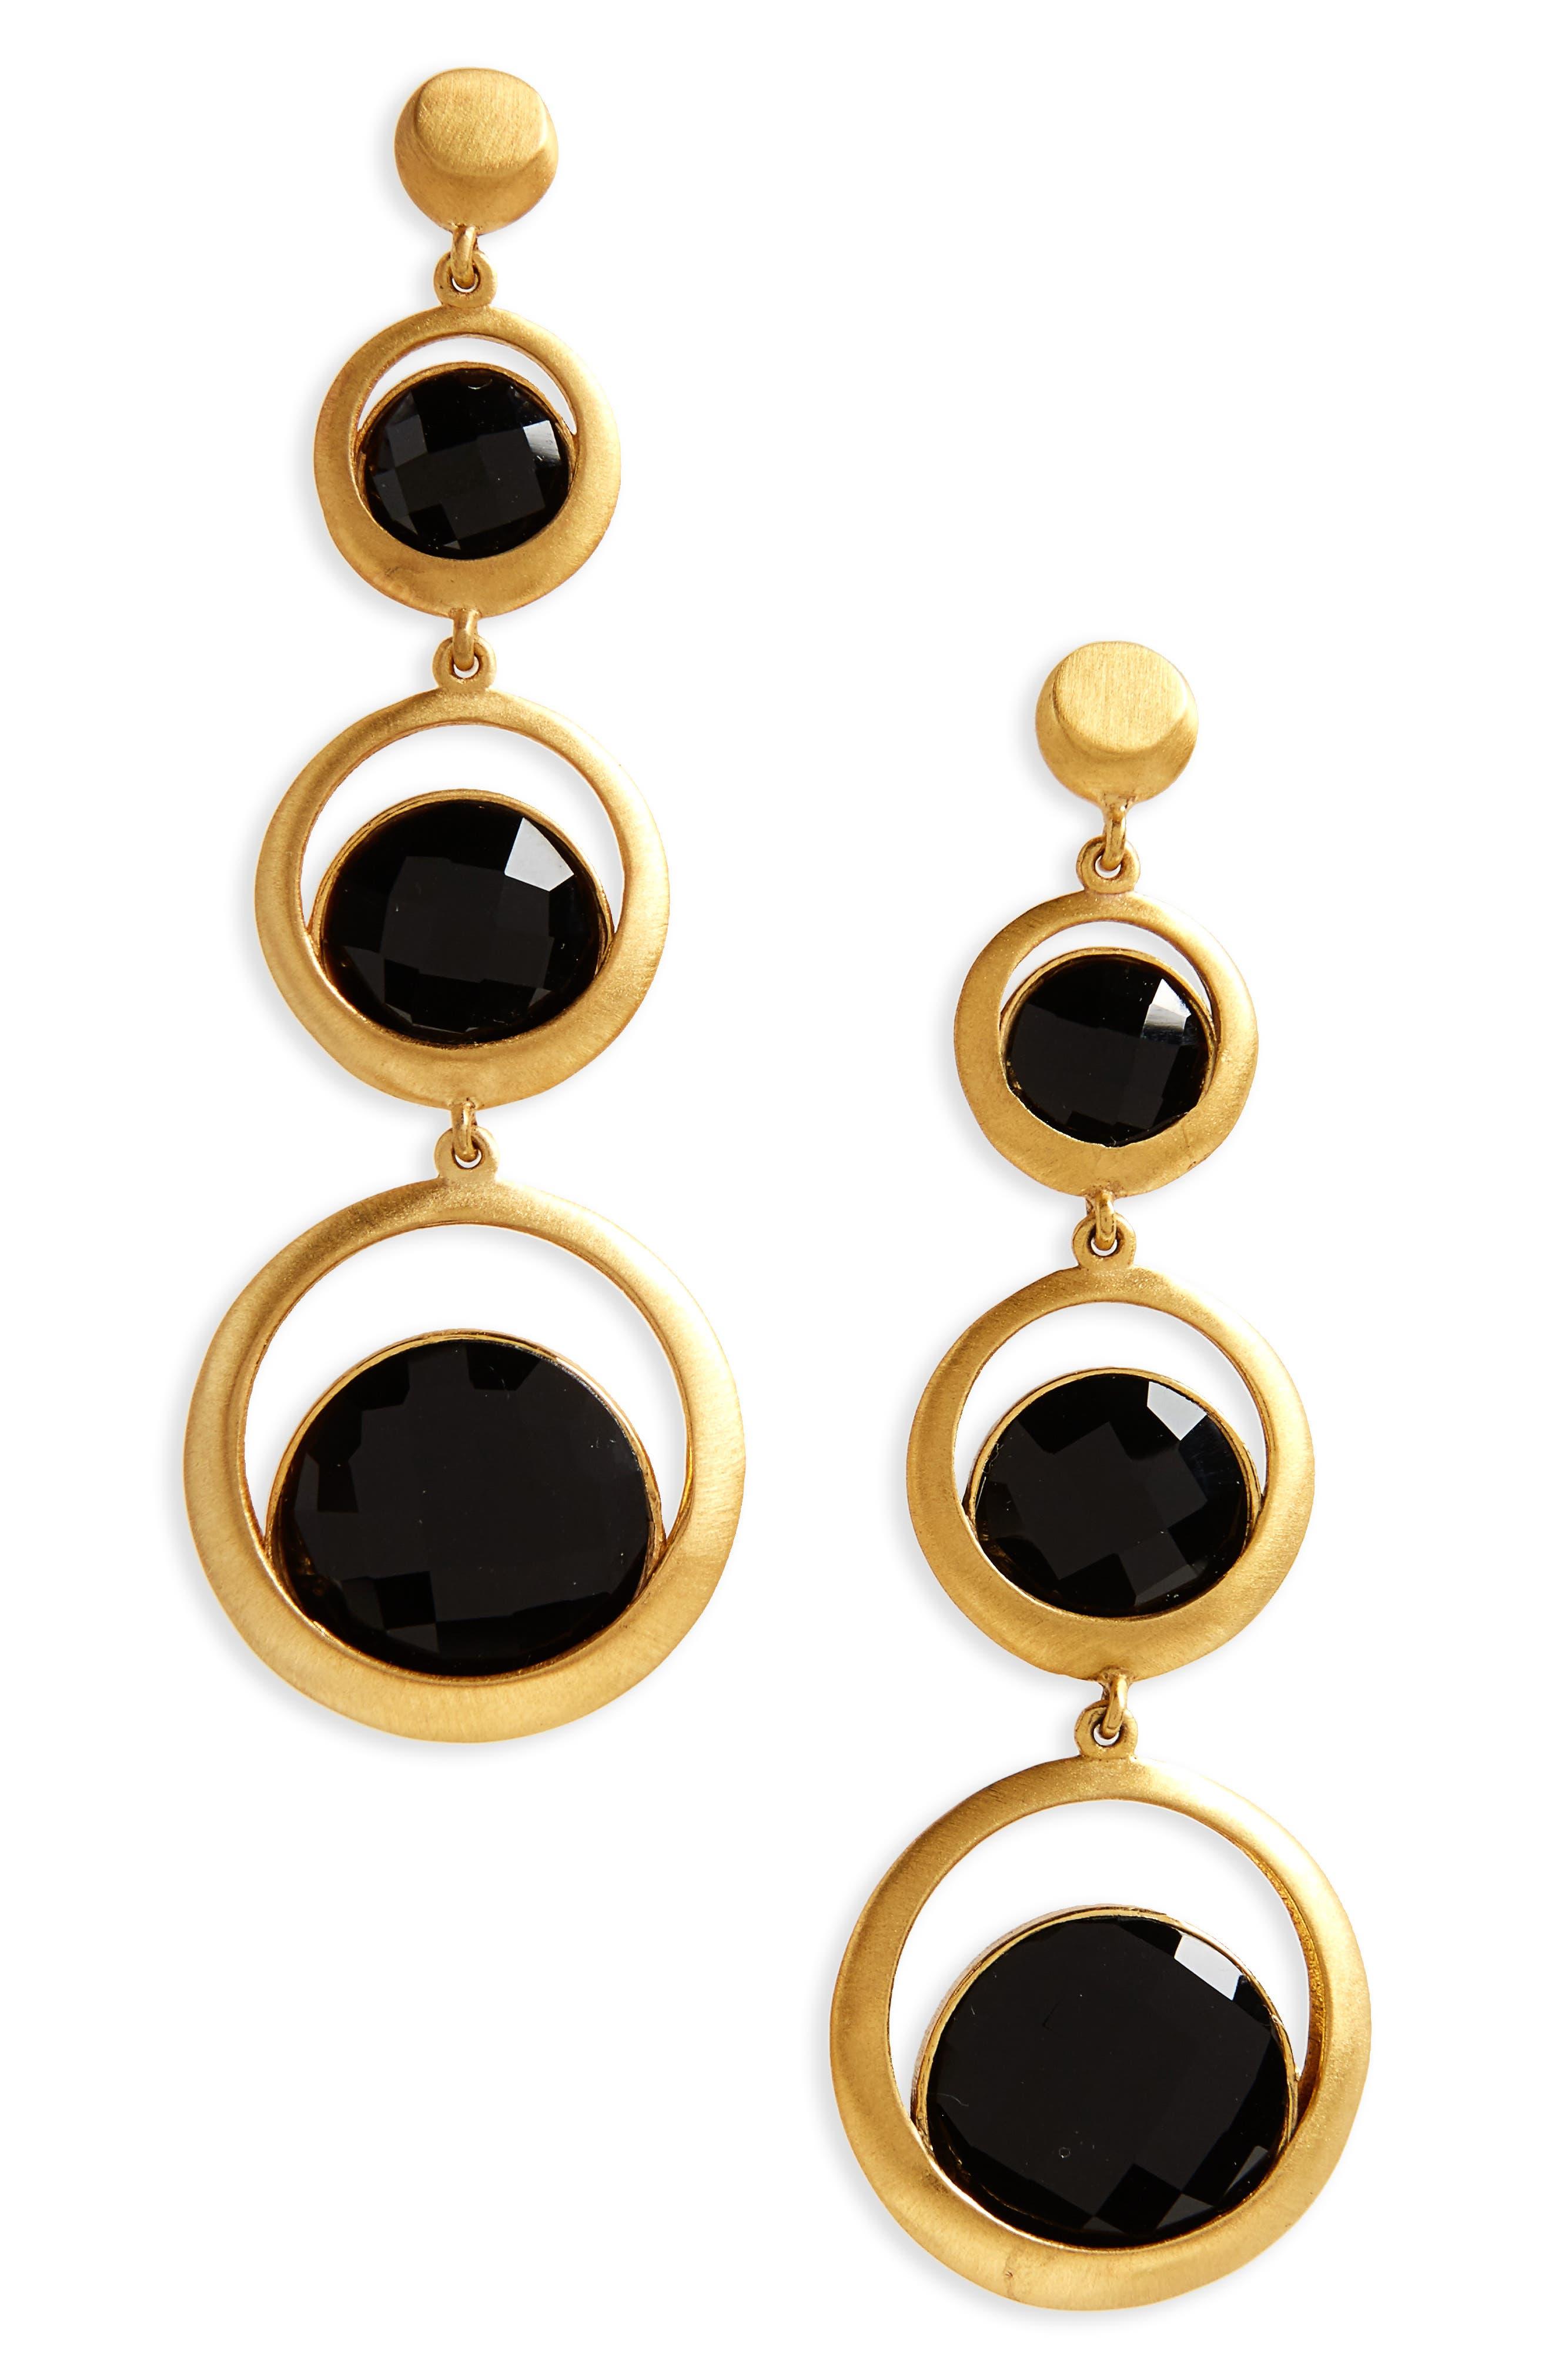 Triple Semiprecious Stone Drop Earrings,                             Main thumbnail 1, color,